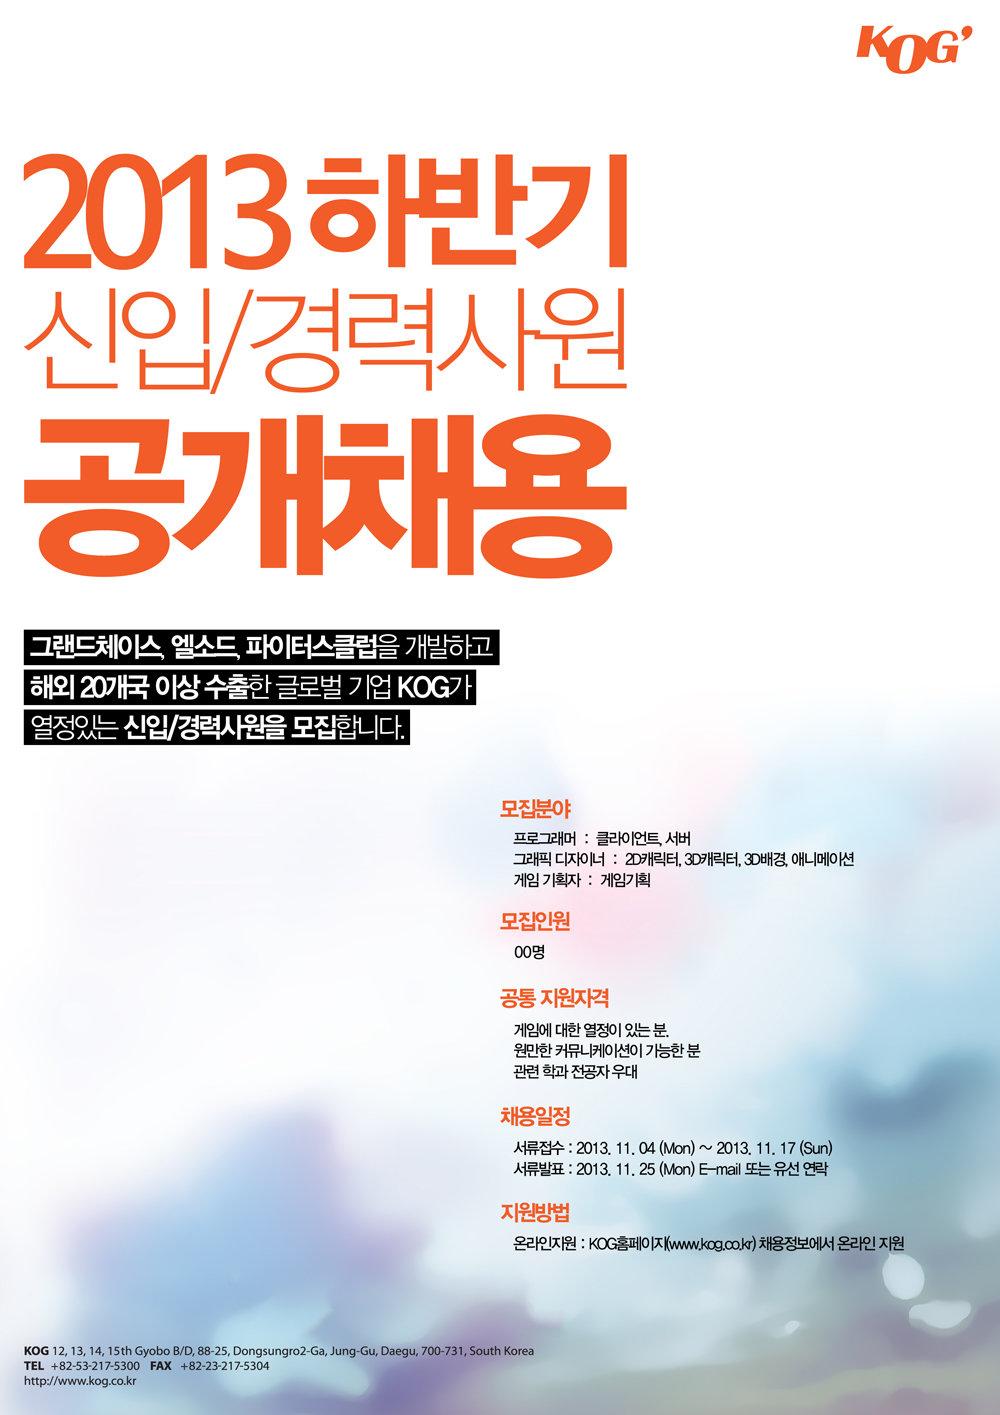 2013년_공개채용_포스터_re.jpg